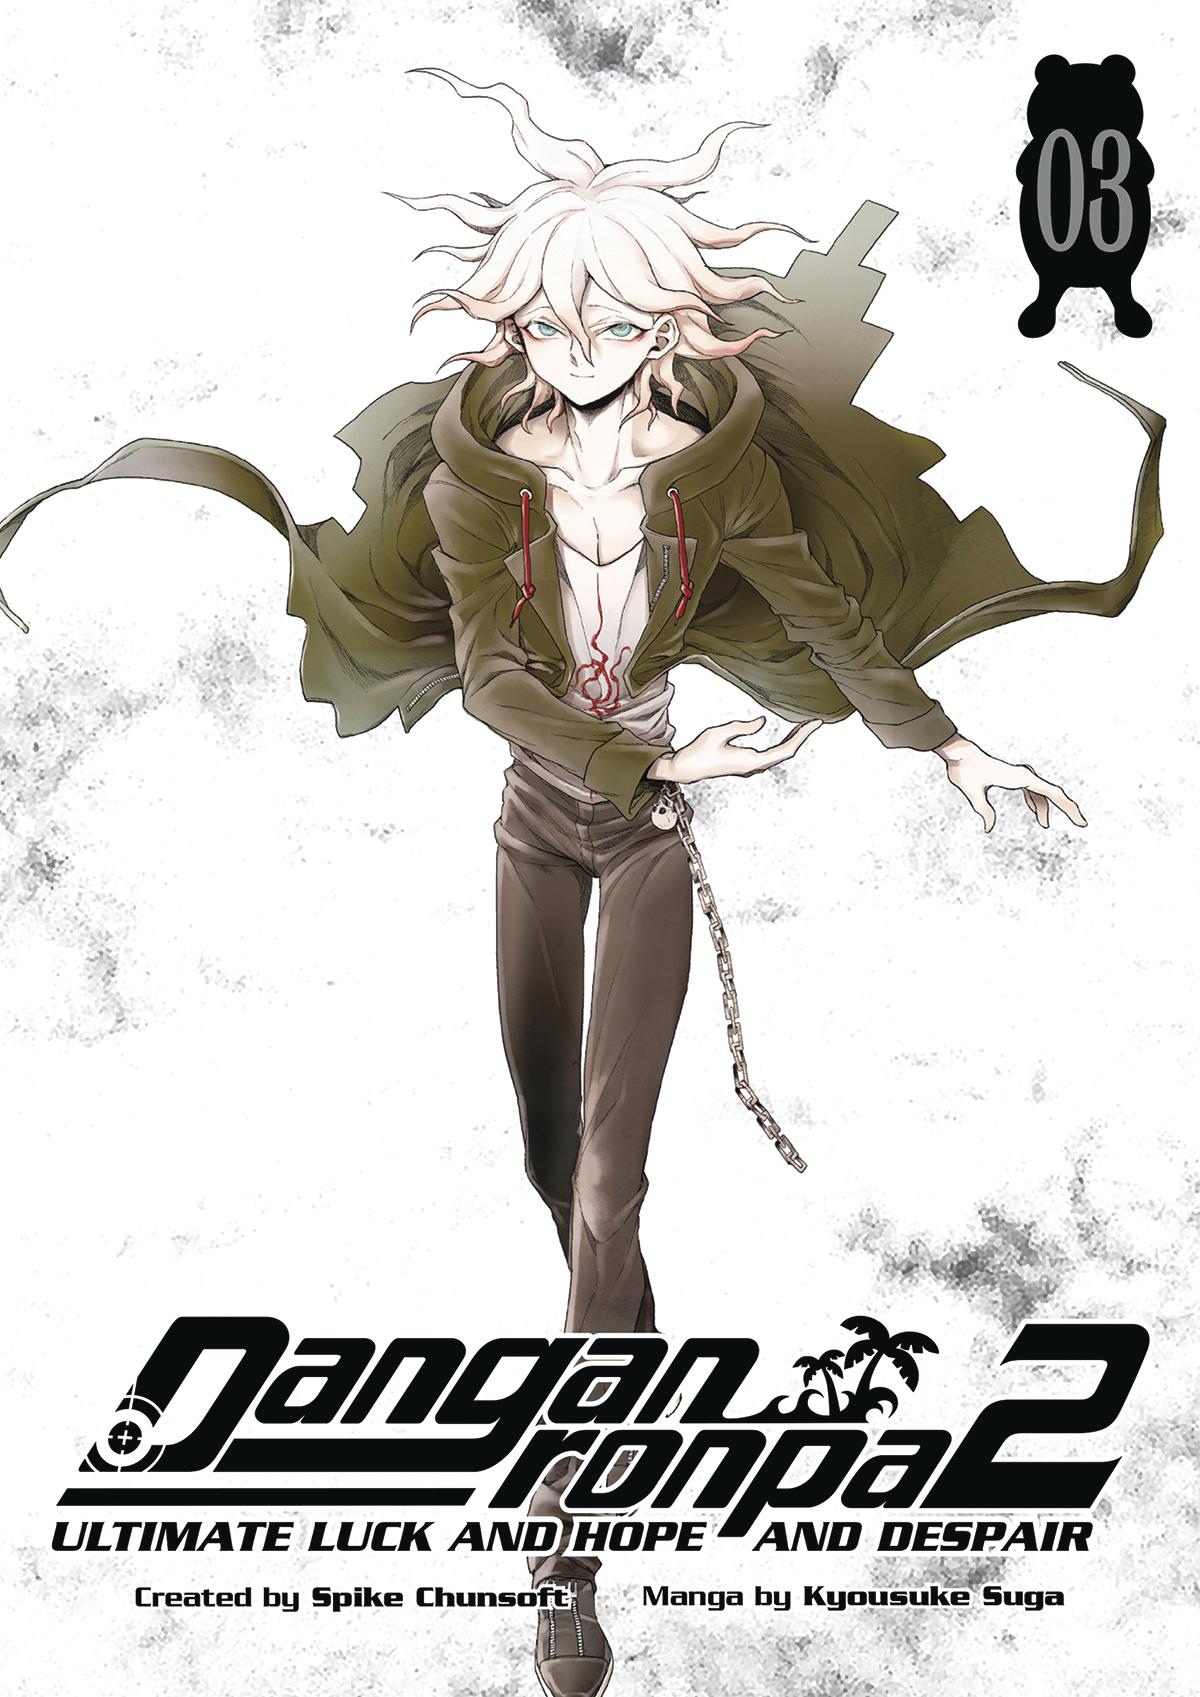 Danganronpa 2 Tp Vol 03 Ultimate Luck Hope Despair (STL113978)